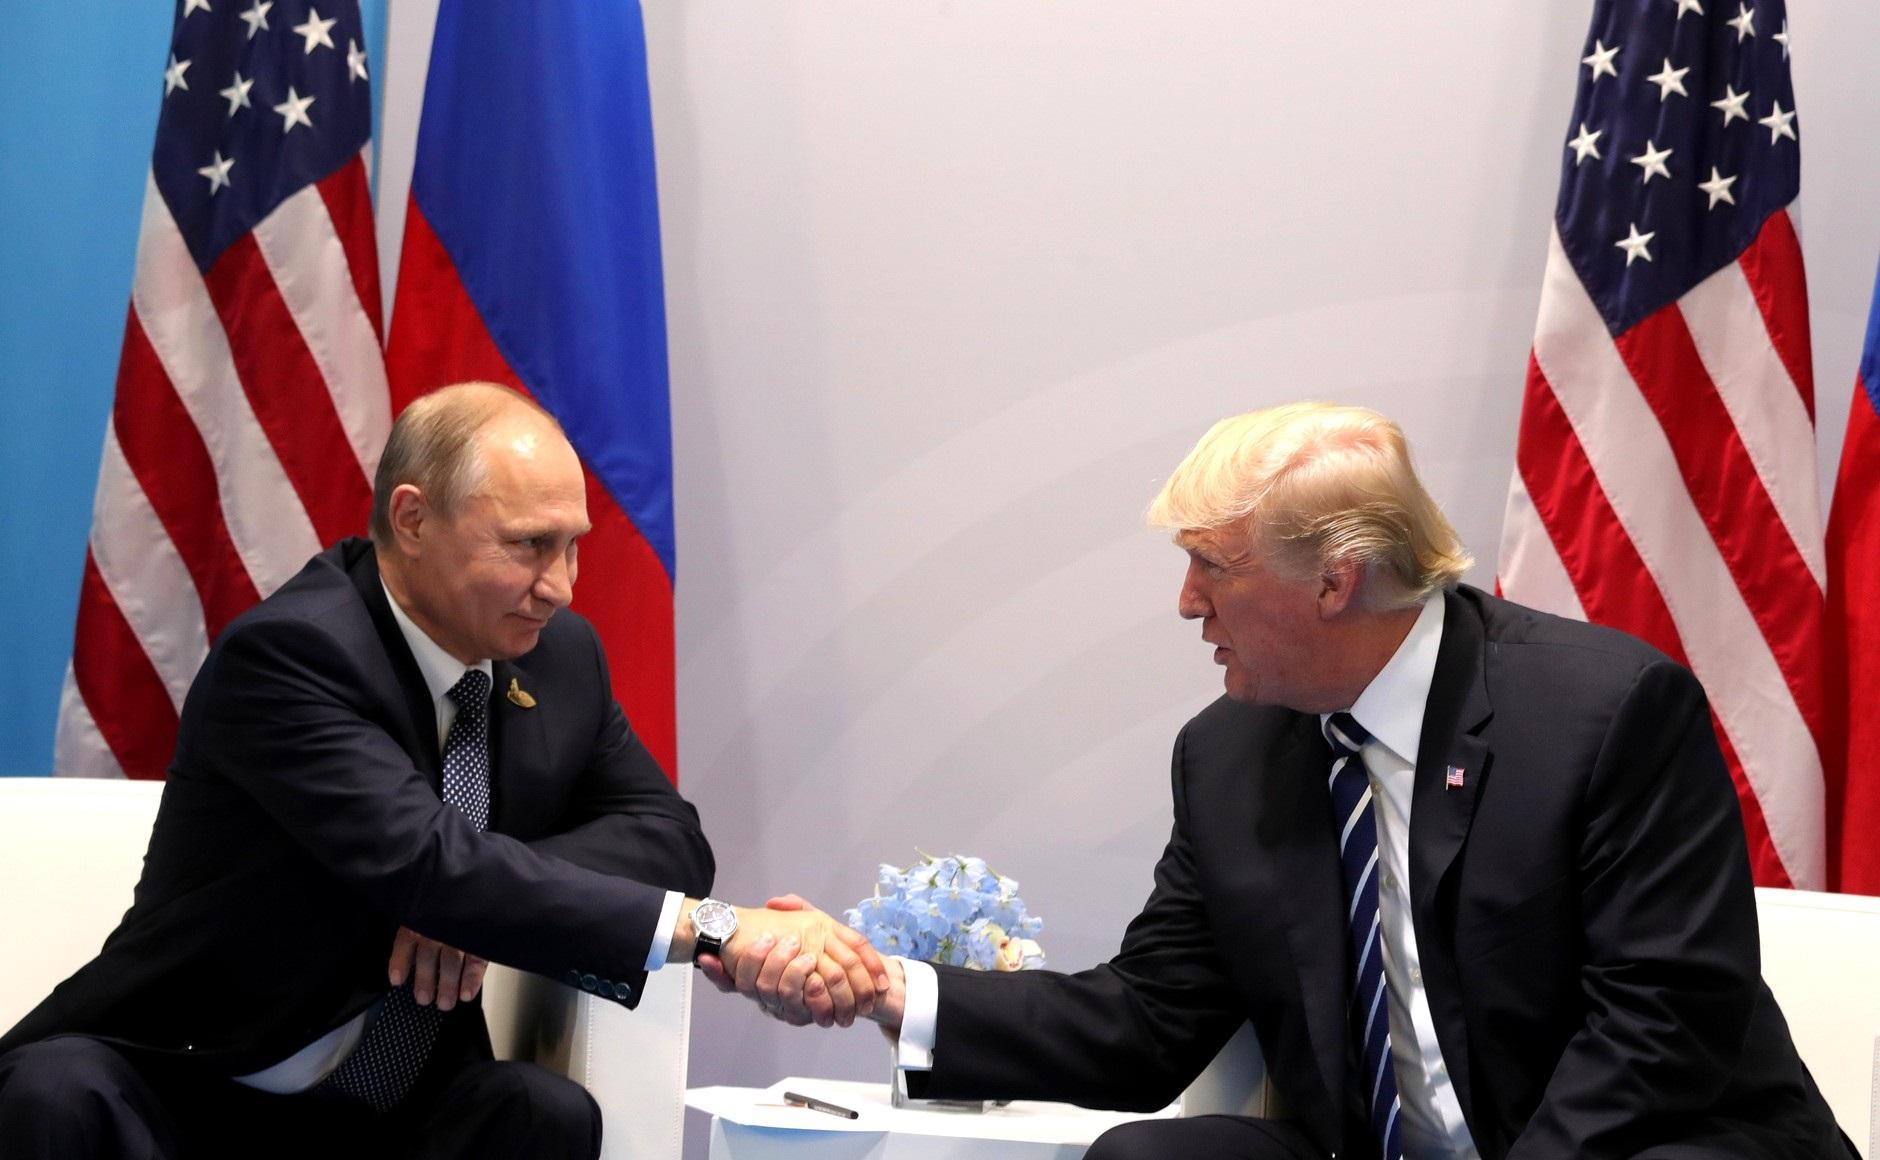 Senatul american afirmă că investigația privind interferanța Rusiei în alegerile din 2016 este de încredere